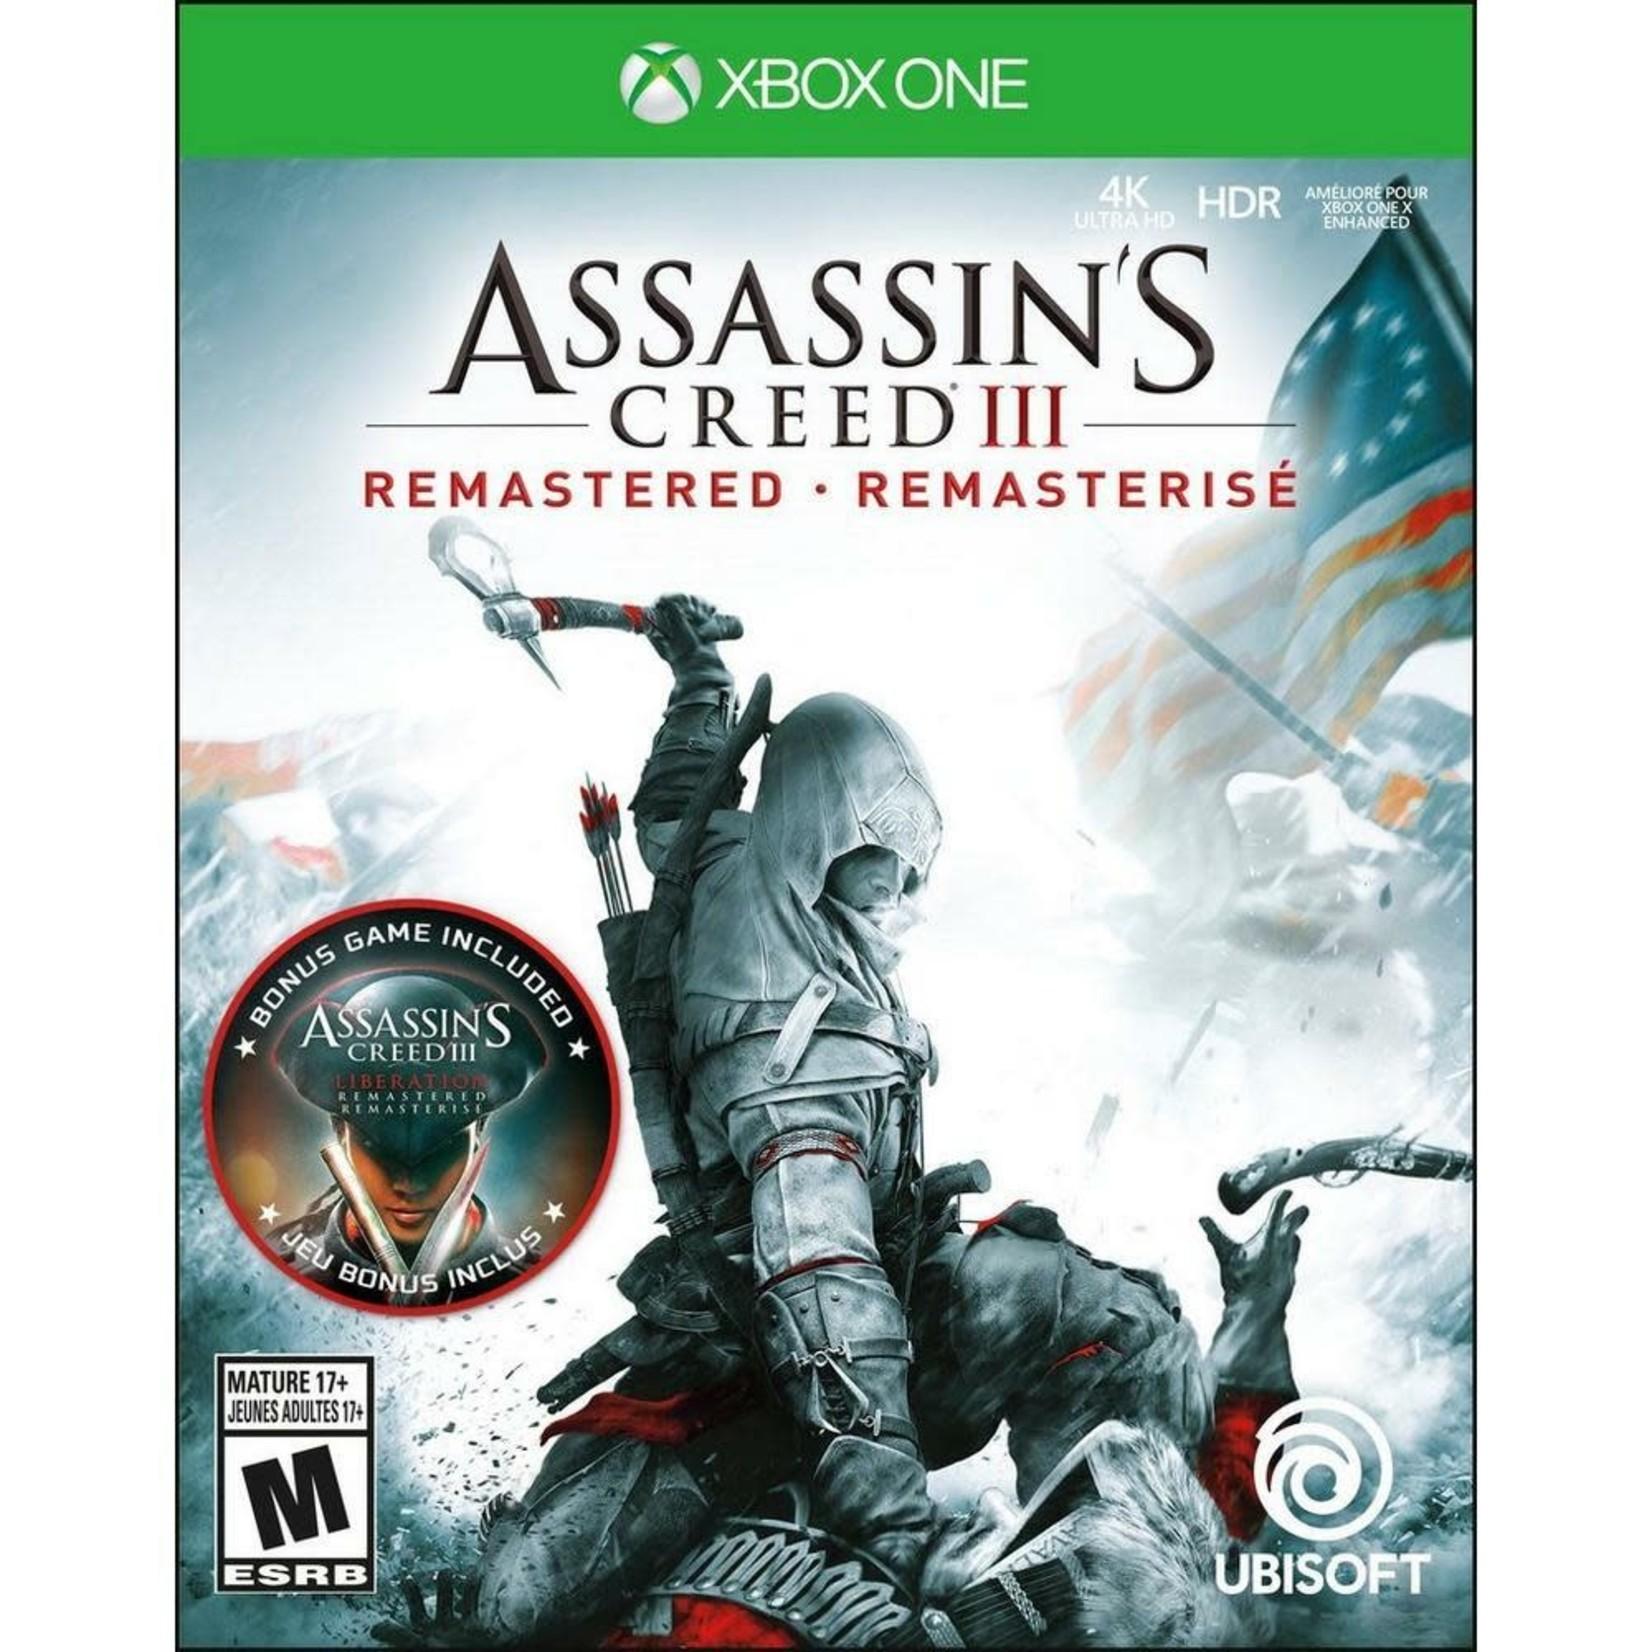 XB1U-Assassin's Creed III Remastered